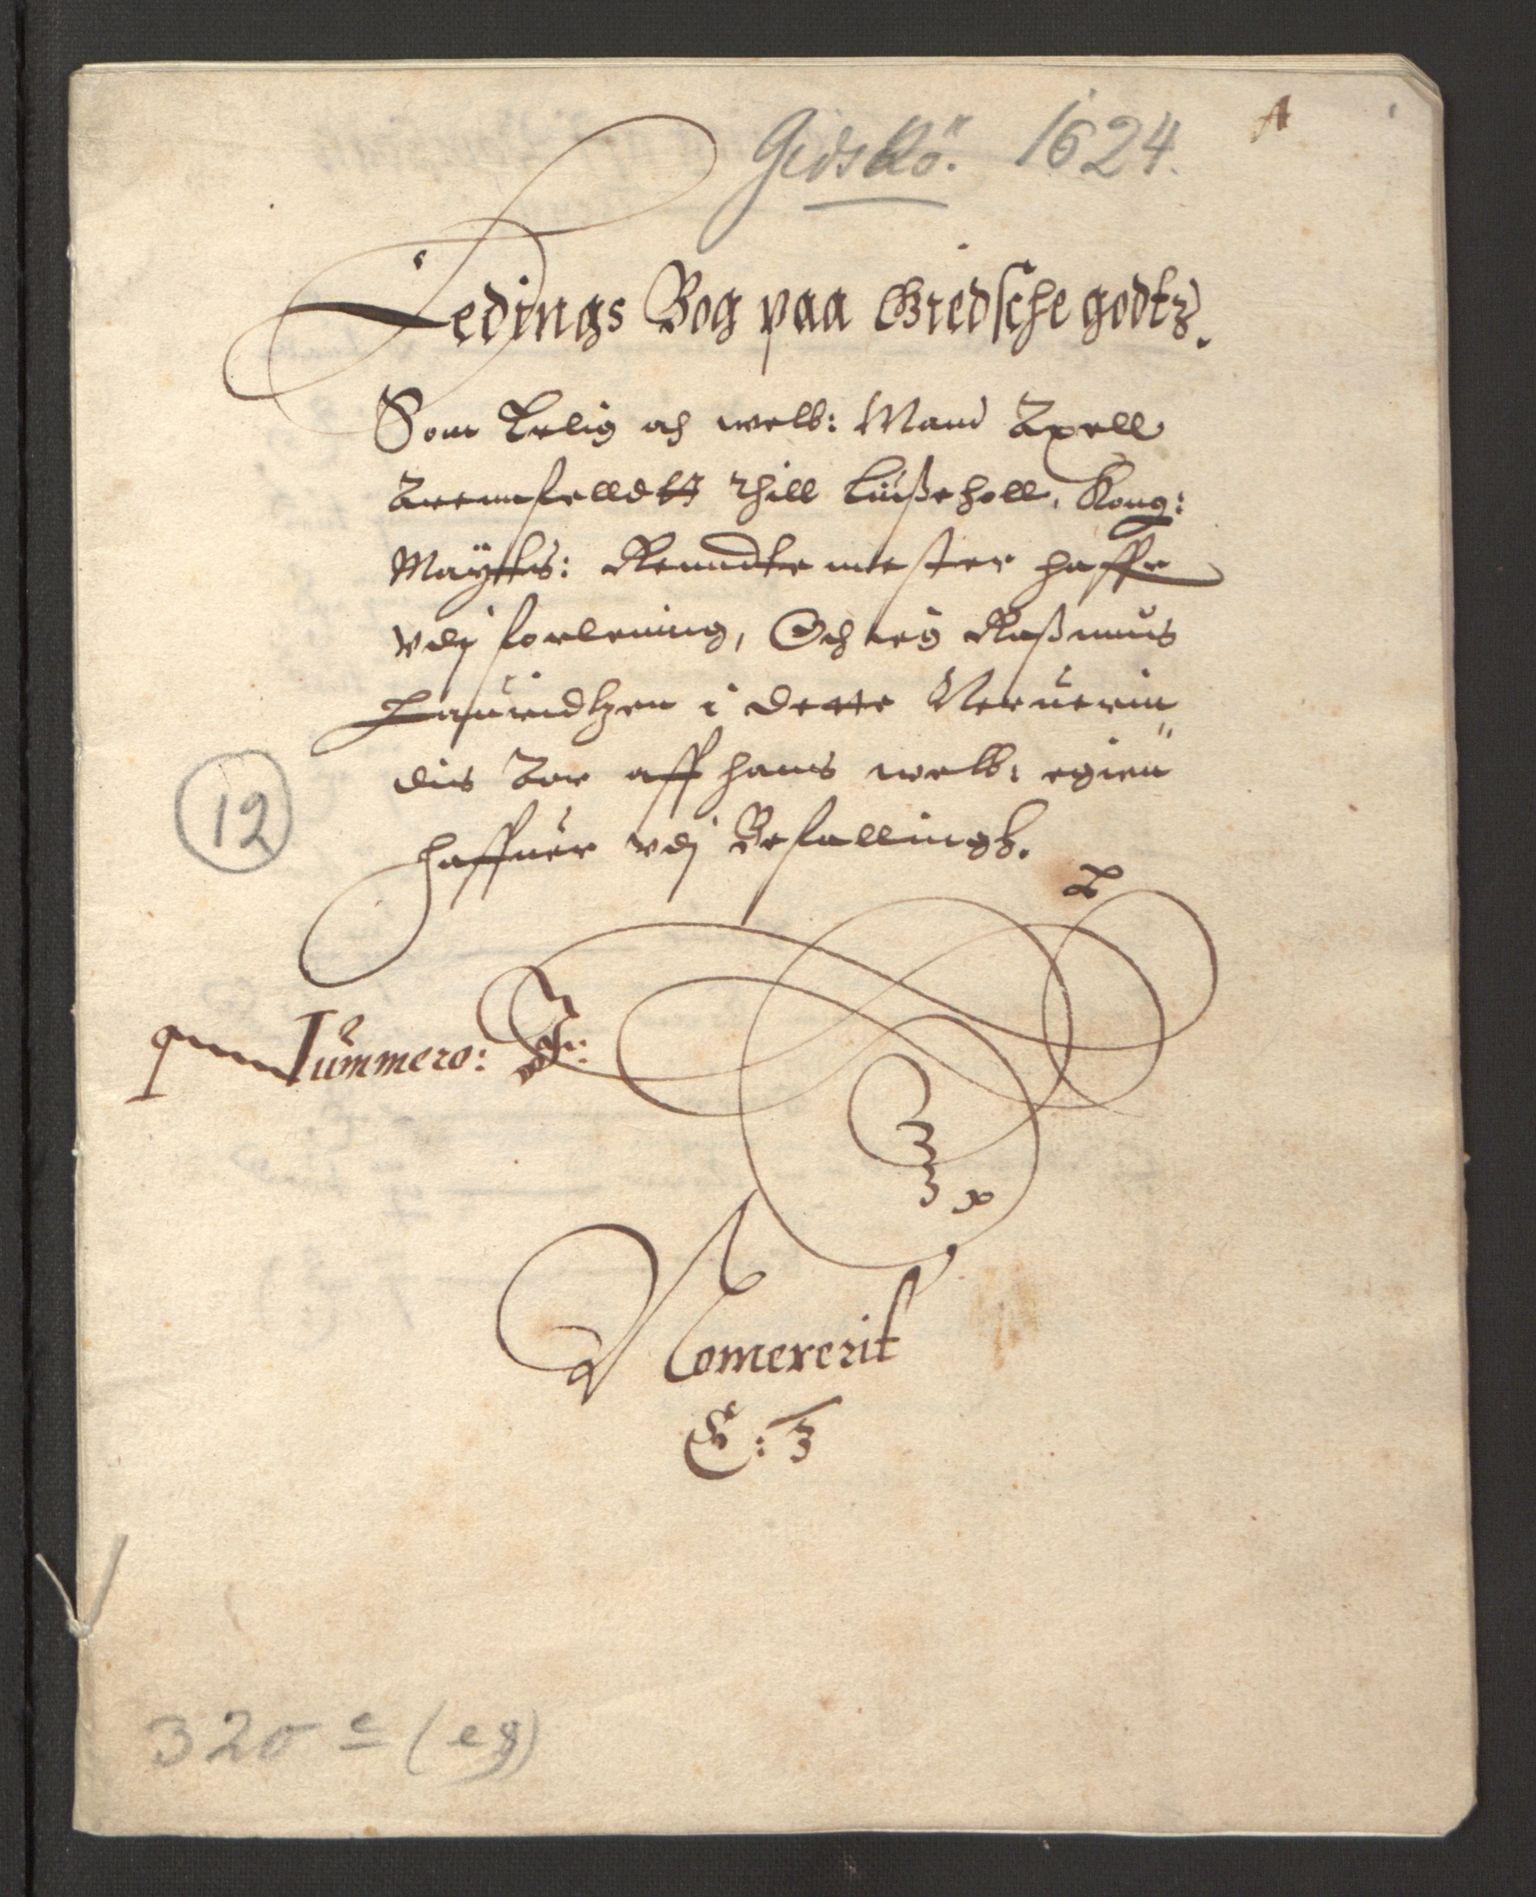 RA, Stattholderembetet 1572-1771, Ek/L0003: Jordebøker til utlikning av garnisonsskatt 1624-1626:, 1624-1625, s. 339